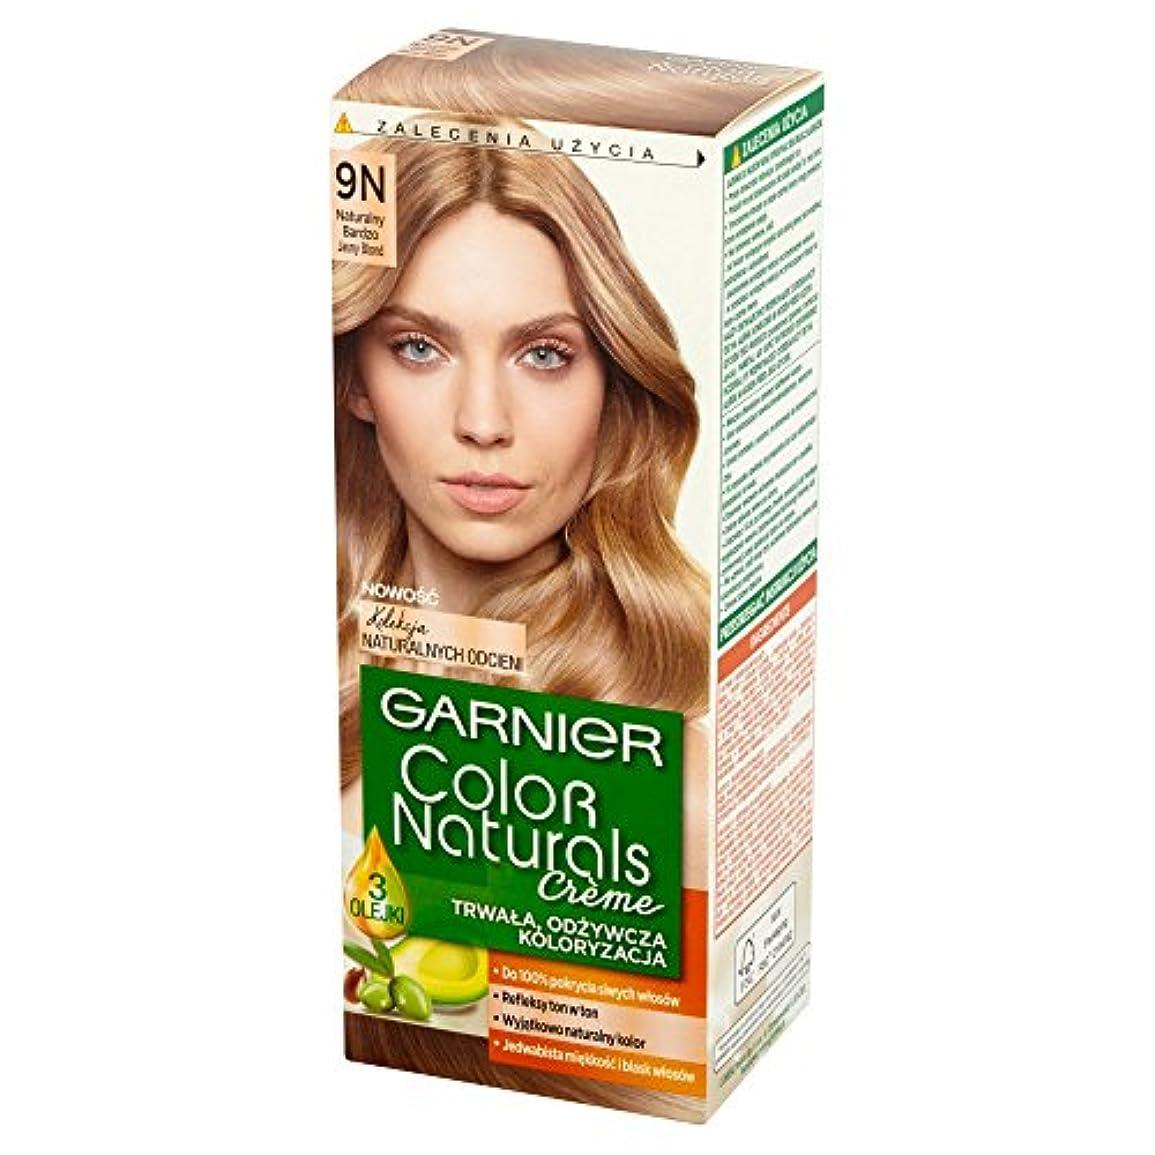 円形登山家アトムロレアル Garnier Color Naturals Creme 9N • Natural Light Blonde ブロンドヘアカラークリーム